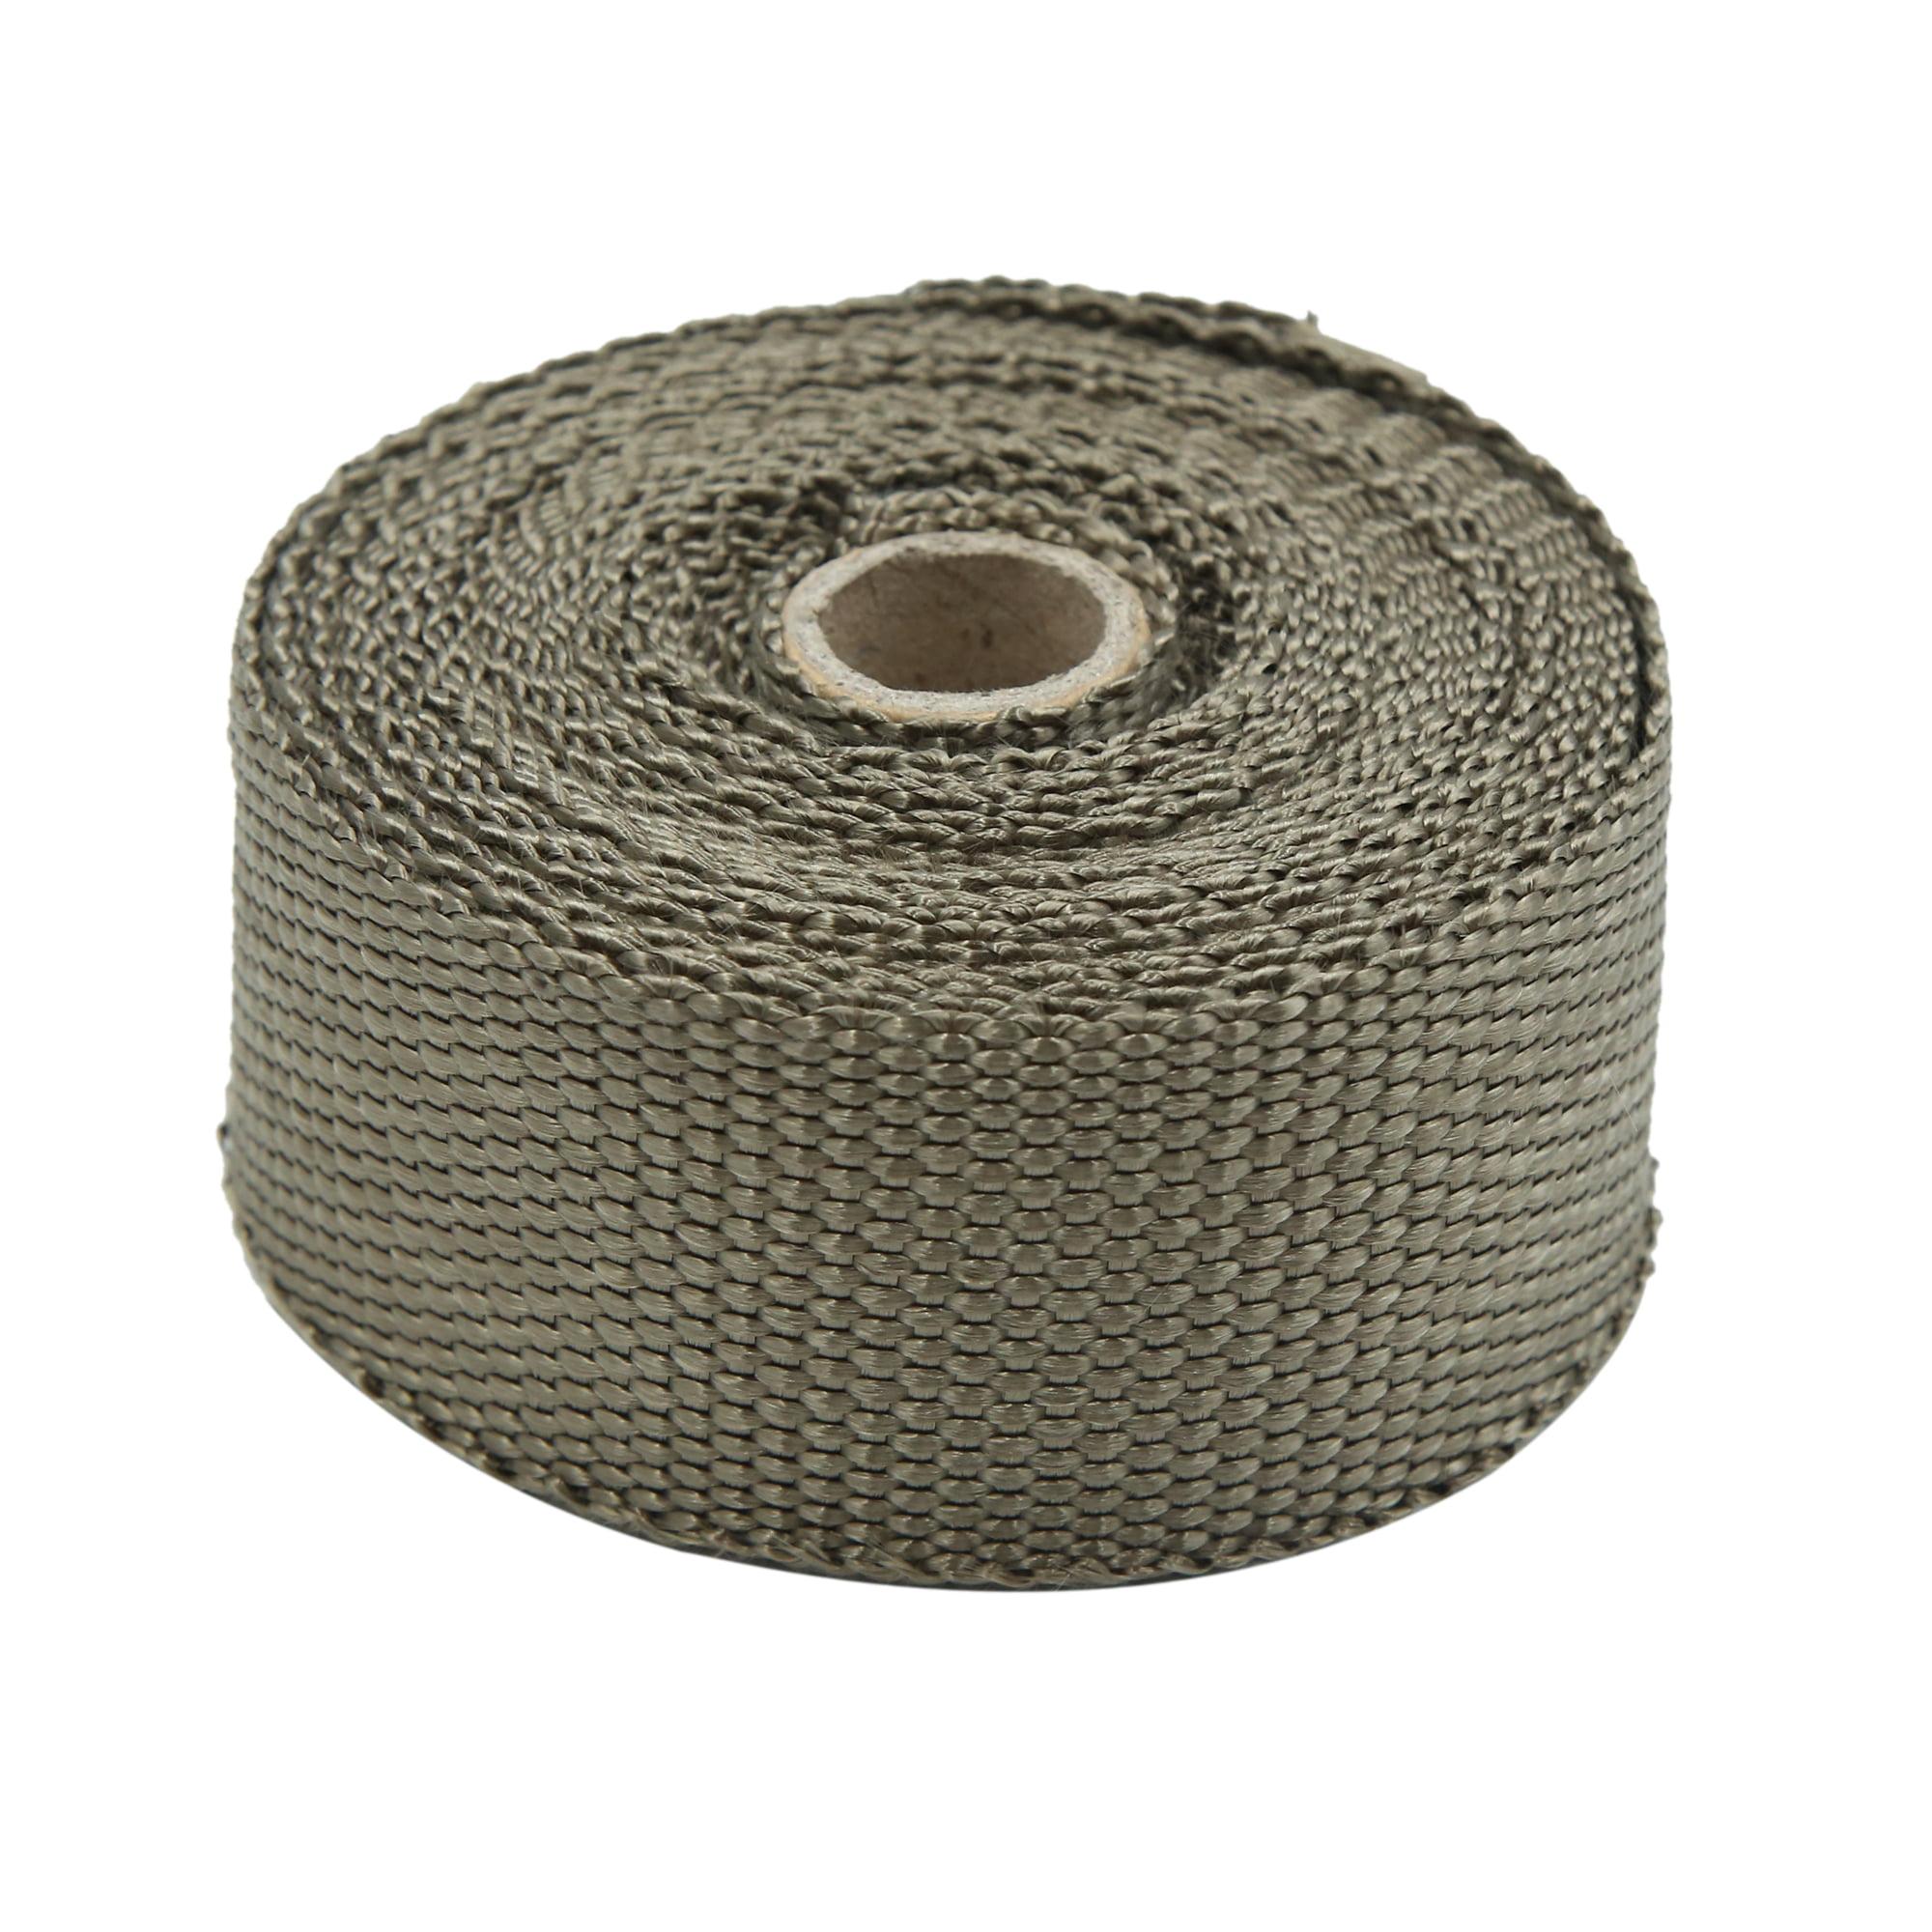 7.5M Titanium Fiber Exhaust Heat Insulating Wrap Sealing Tape for Car - image 1 of 5